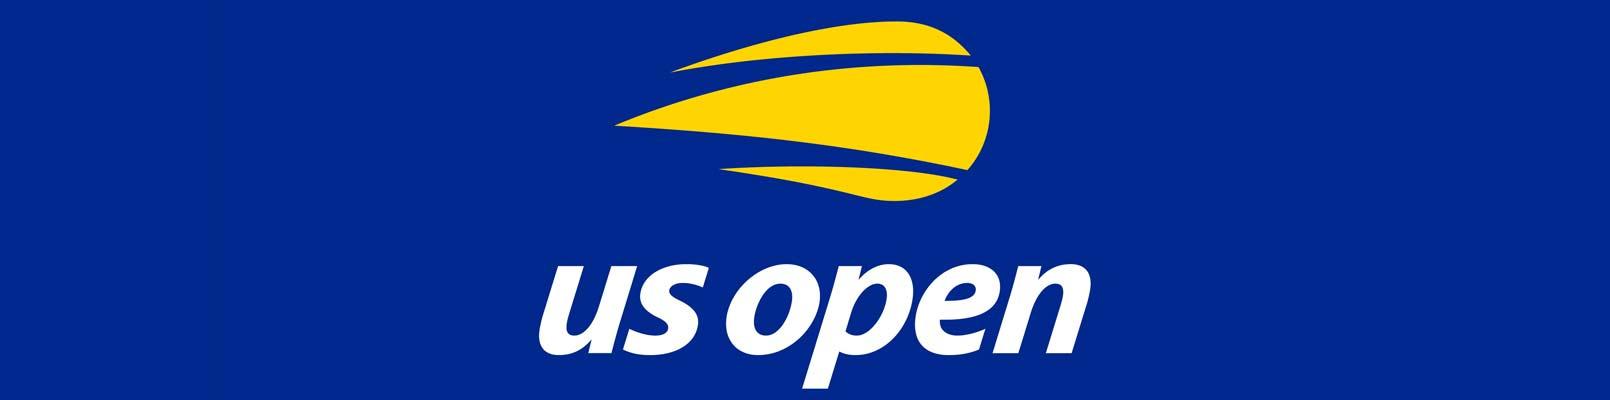 analiza jucatori us open tenis 2020